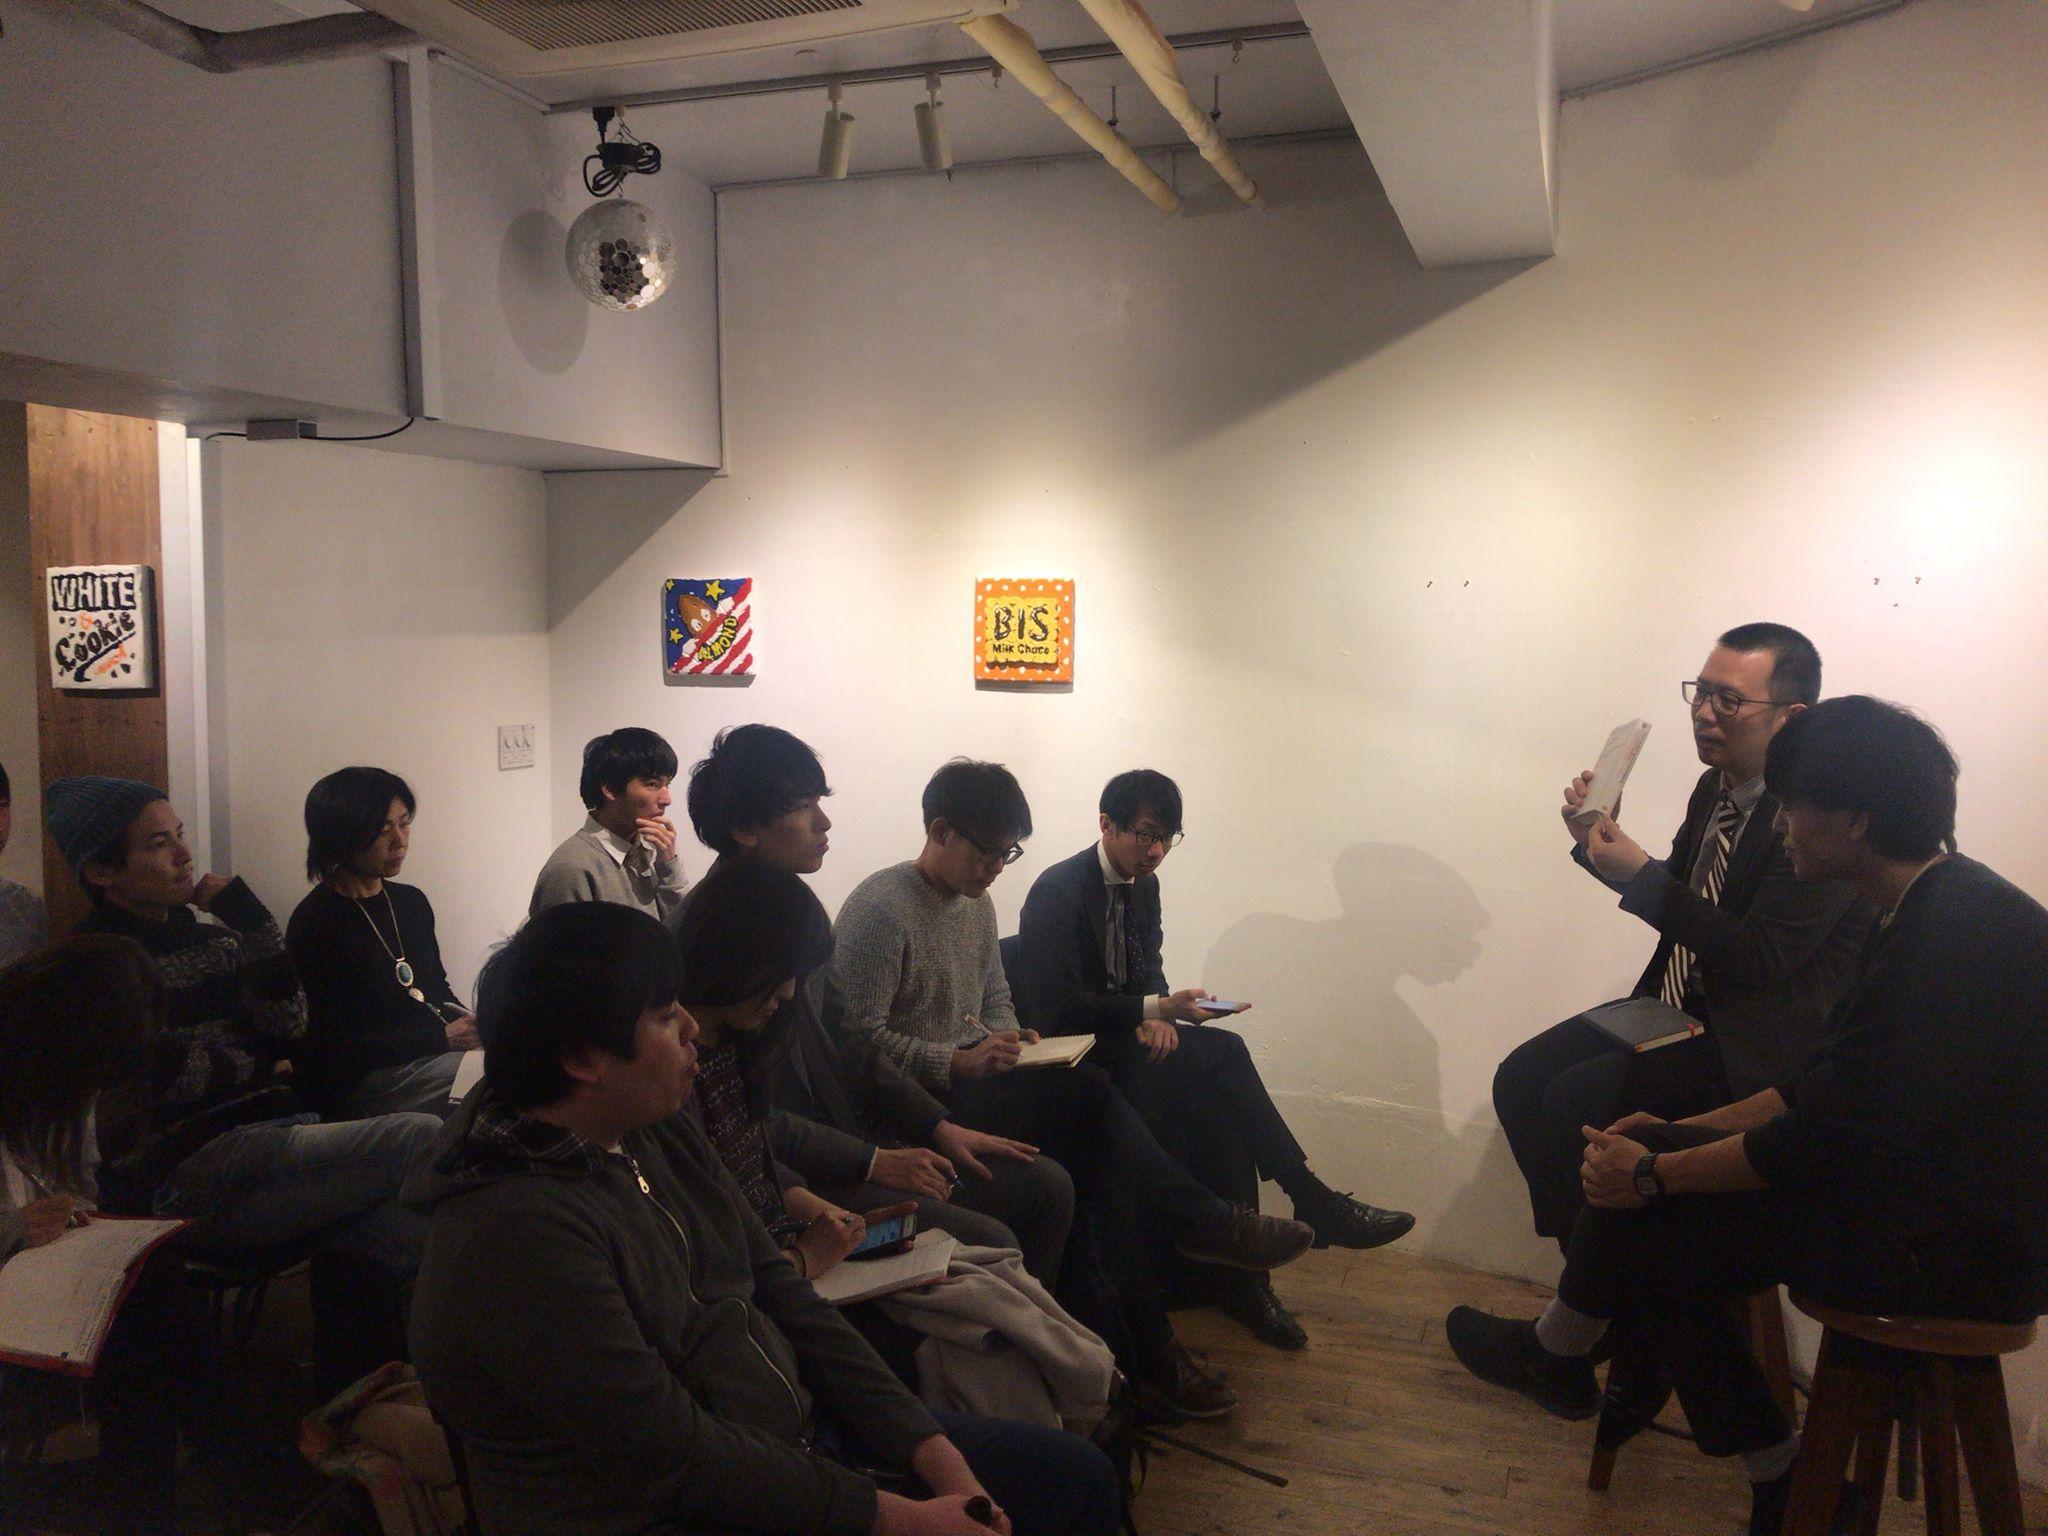 公開講座REPORT - コミュニティマネジメント読書会 INTRODUCTION